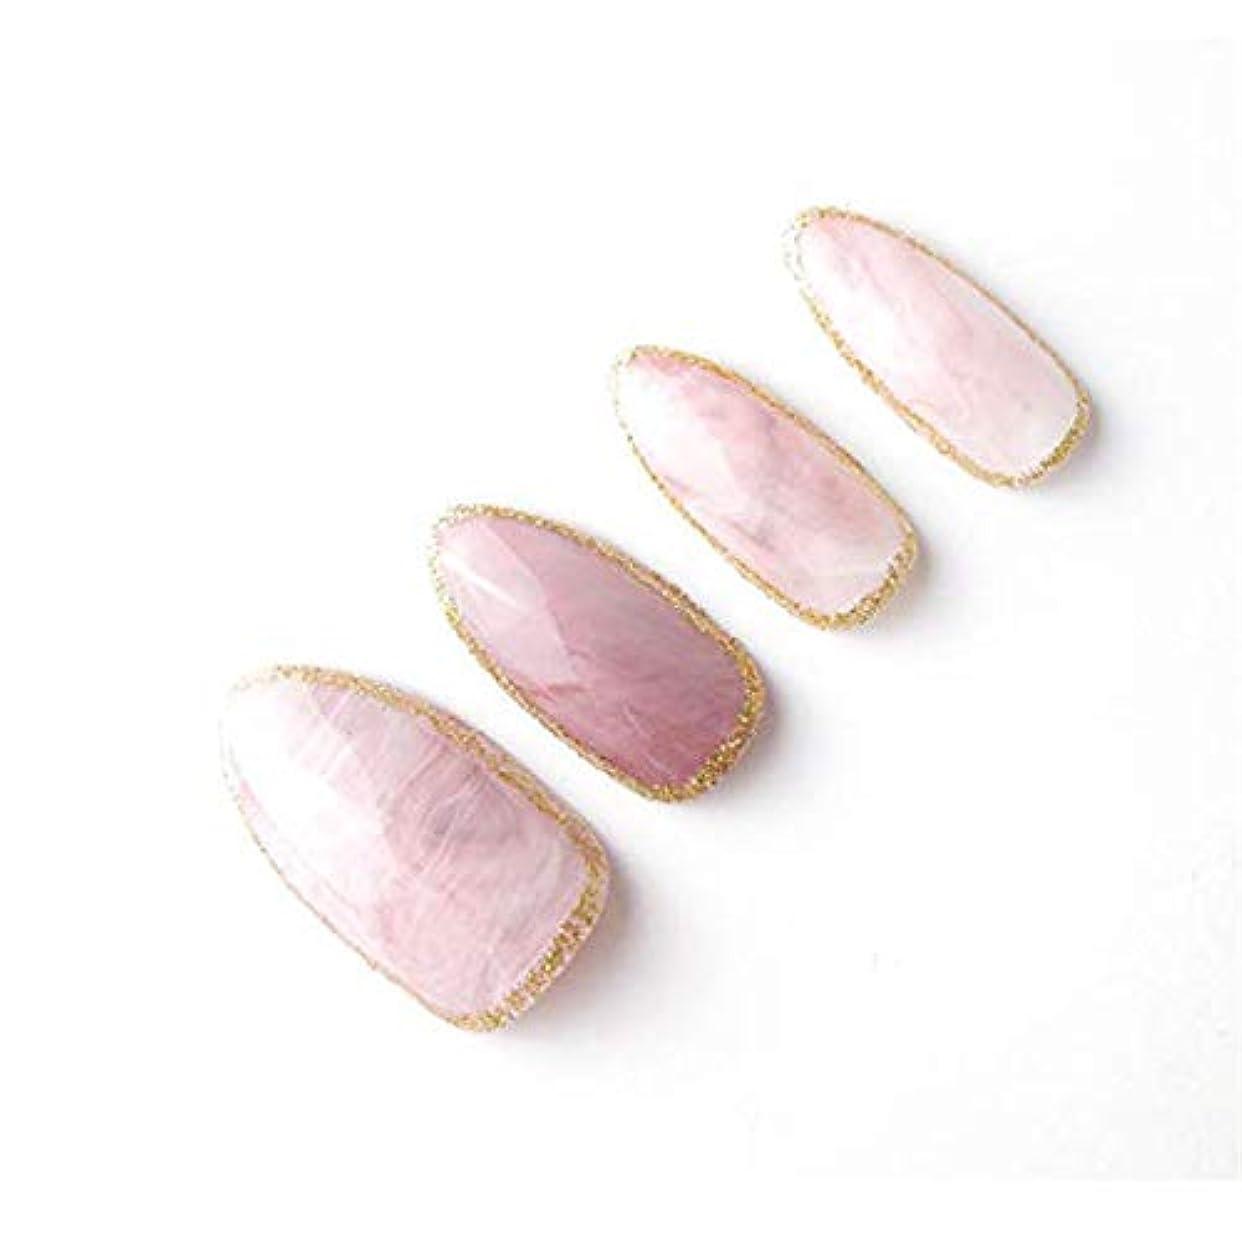 体観光忘れっぽいYuNail ネイルチップ 24枚 ピンク 石の質感 楕円形状 短い アクリル